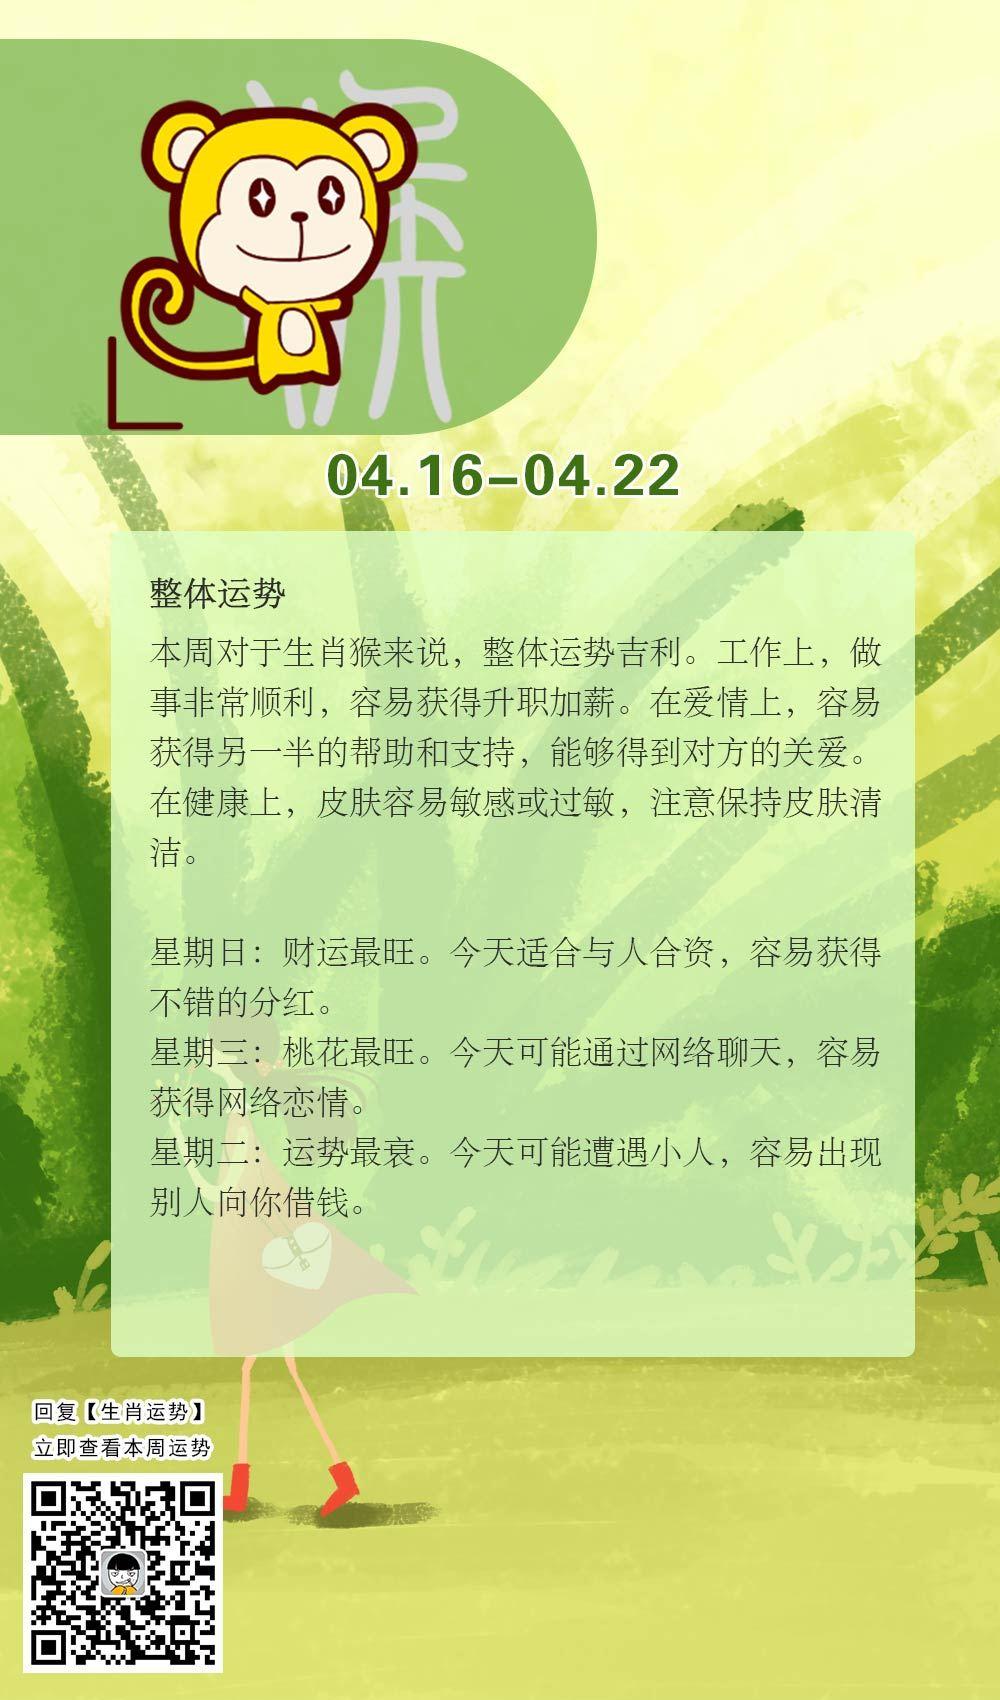 生肖猴本周运势【2018.04.16-04.22】